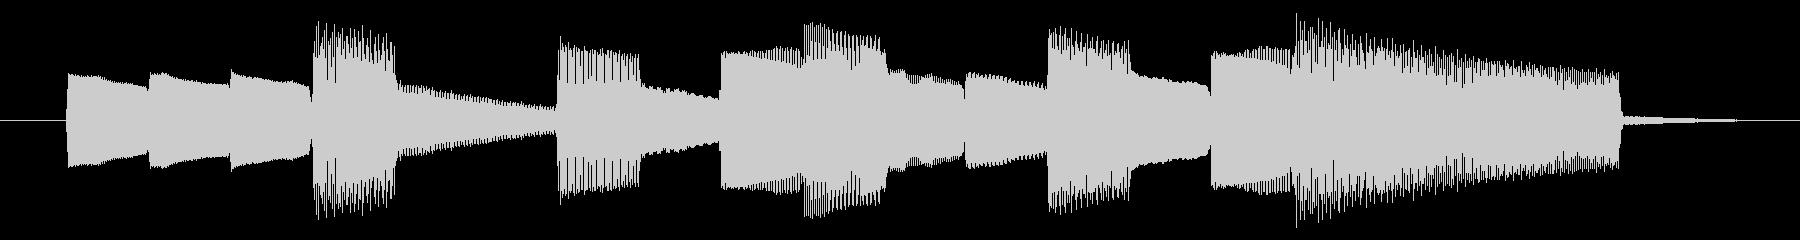 NES 汎用 A03-2(クリア2)の未再生の波形